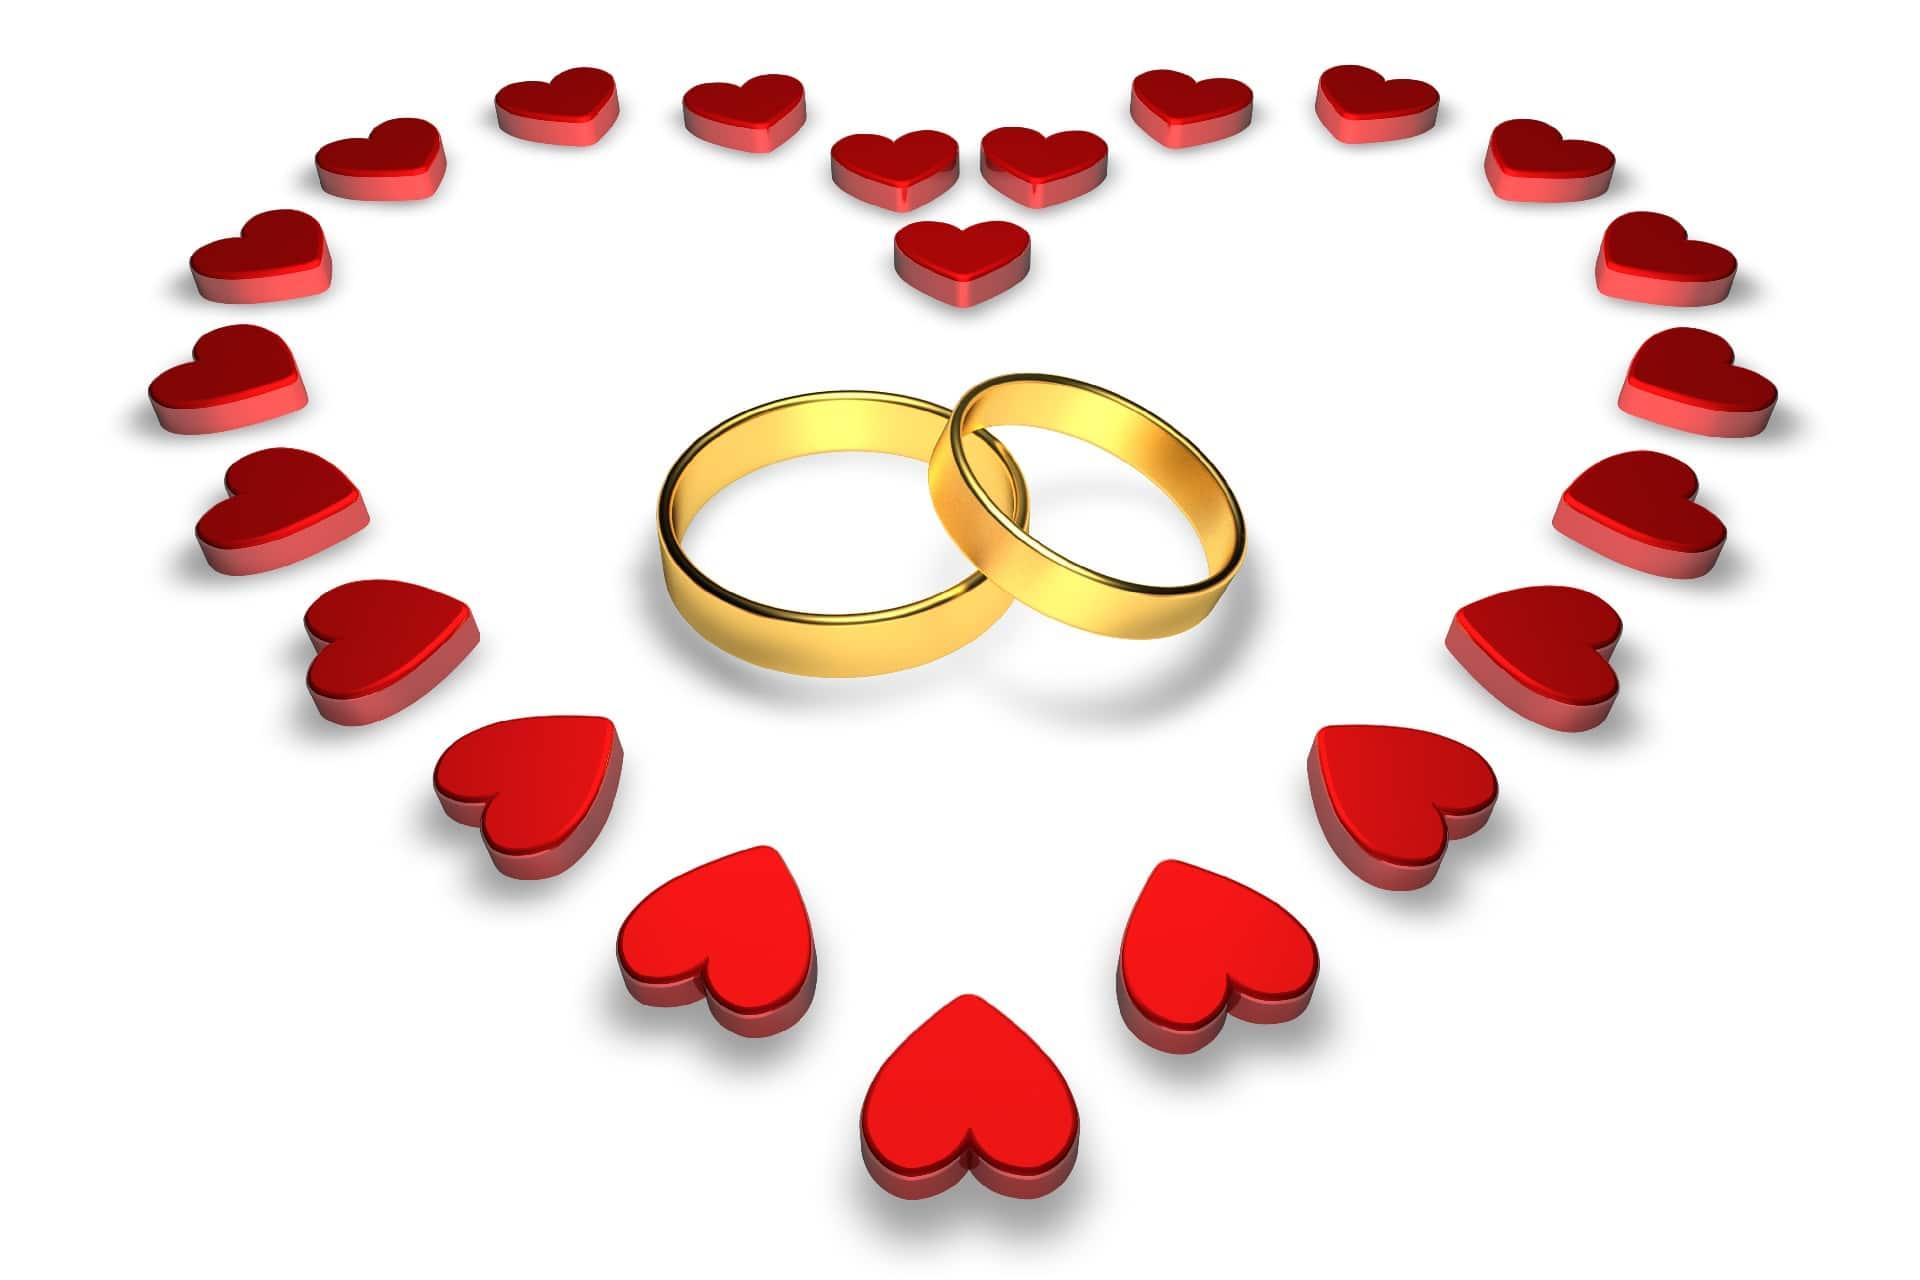 сколько будет браков